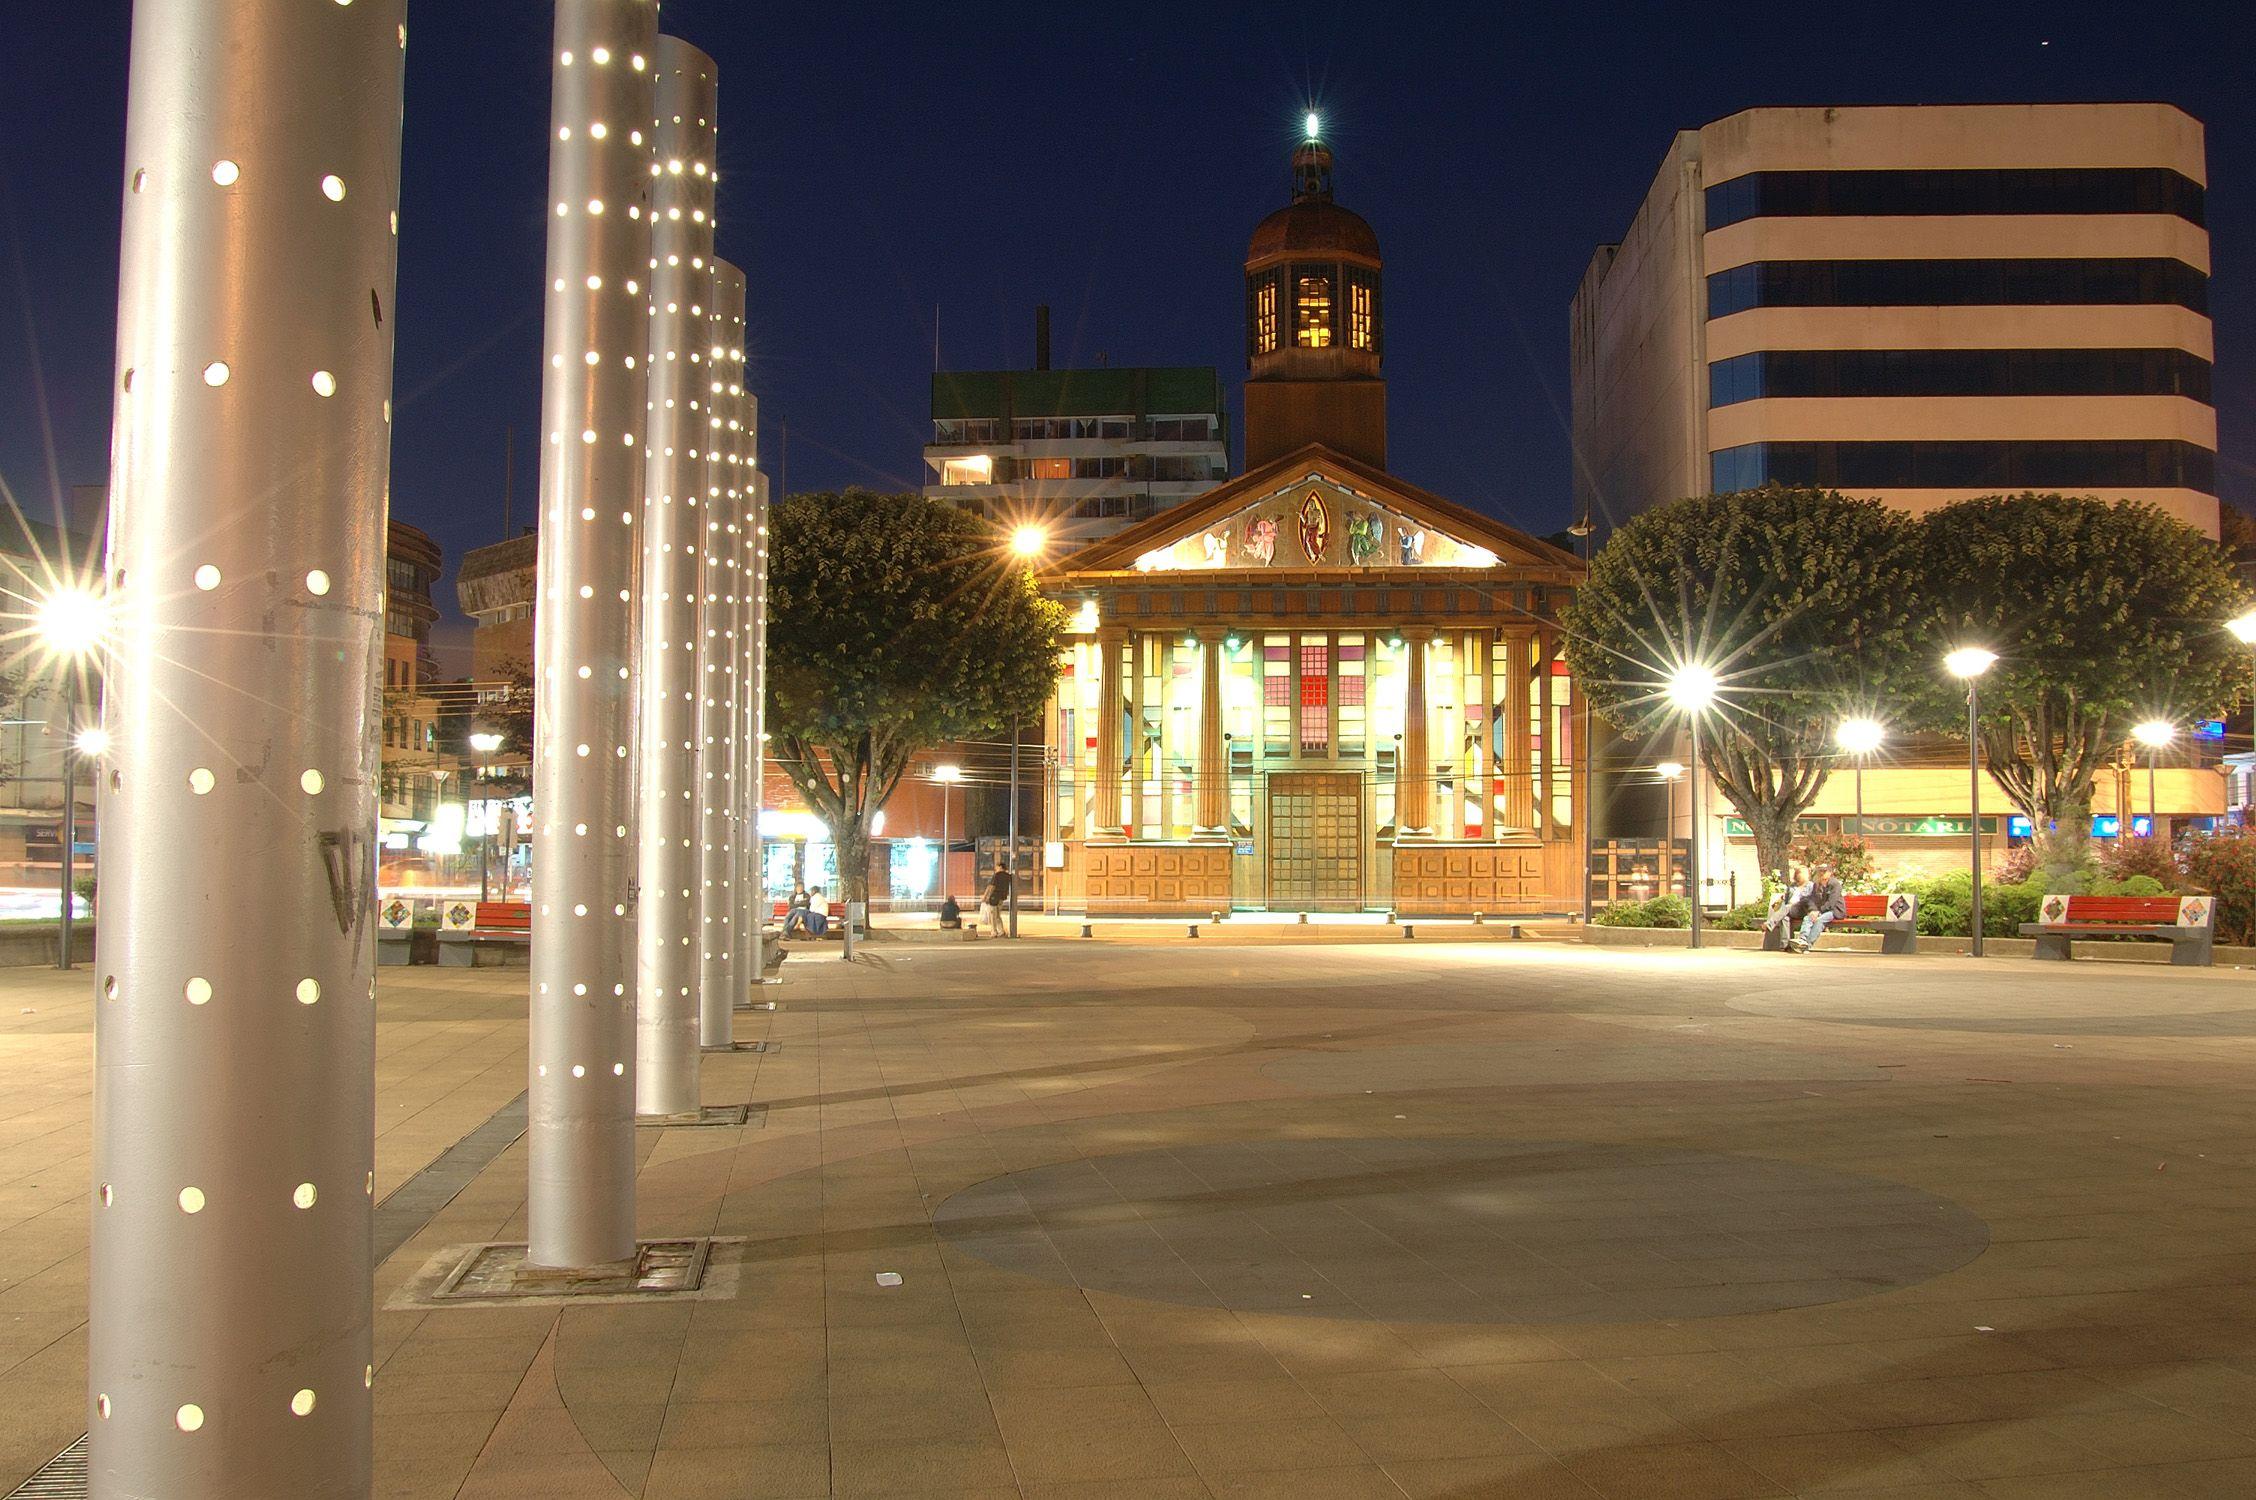 Plaza de Armas y Catedral. Plaza de armas, Puerto montt